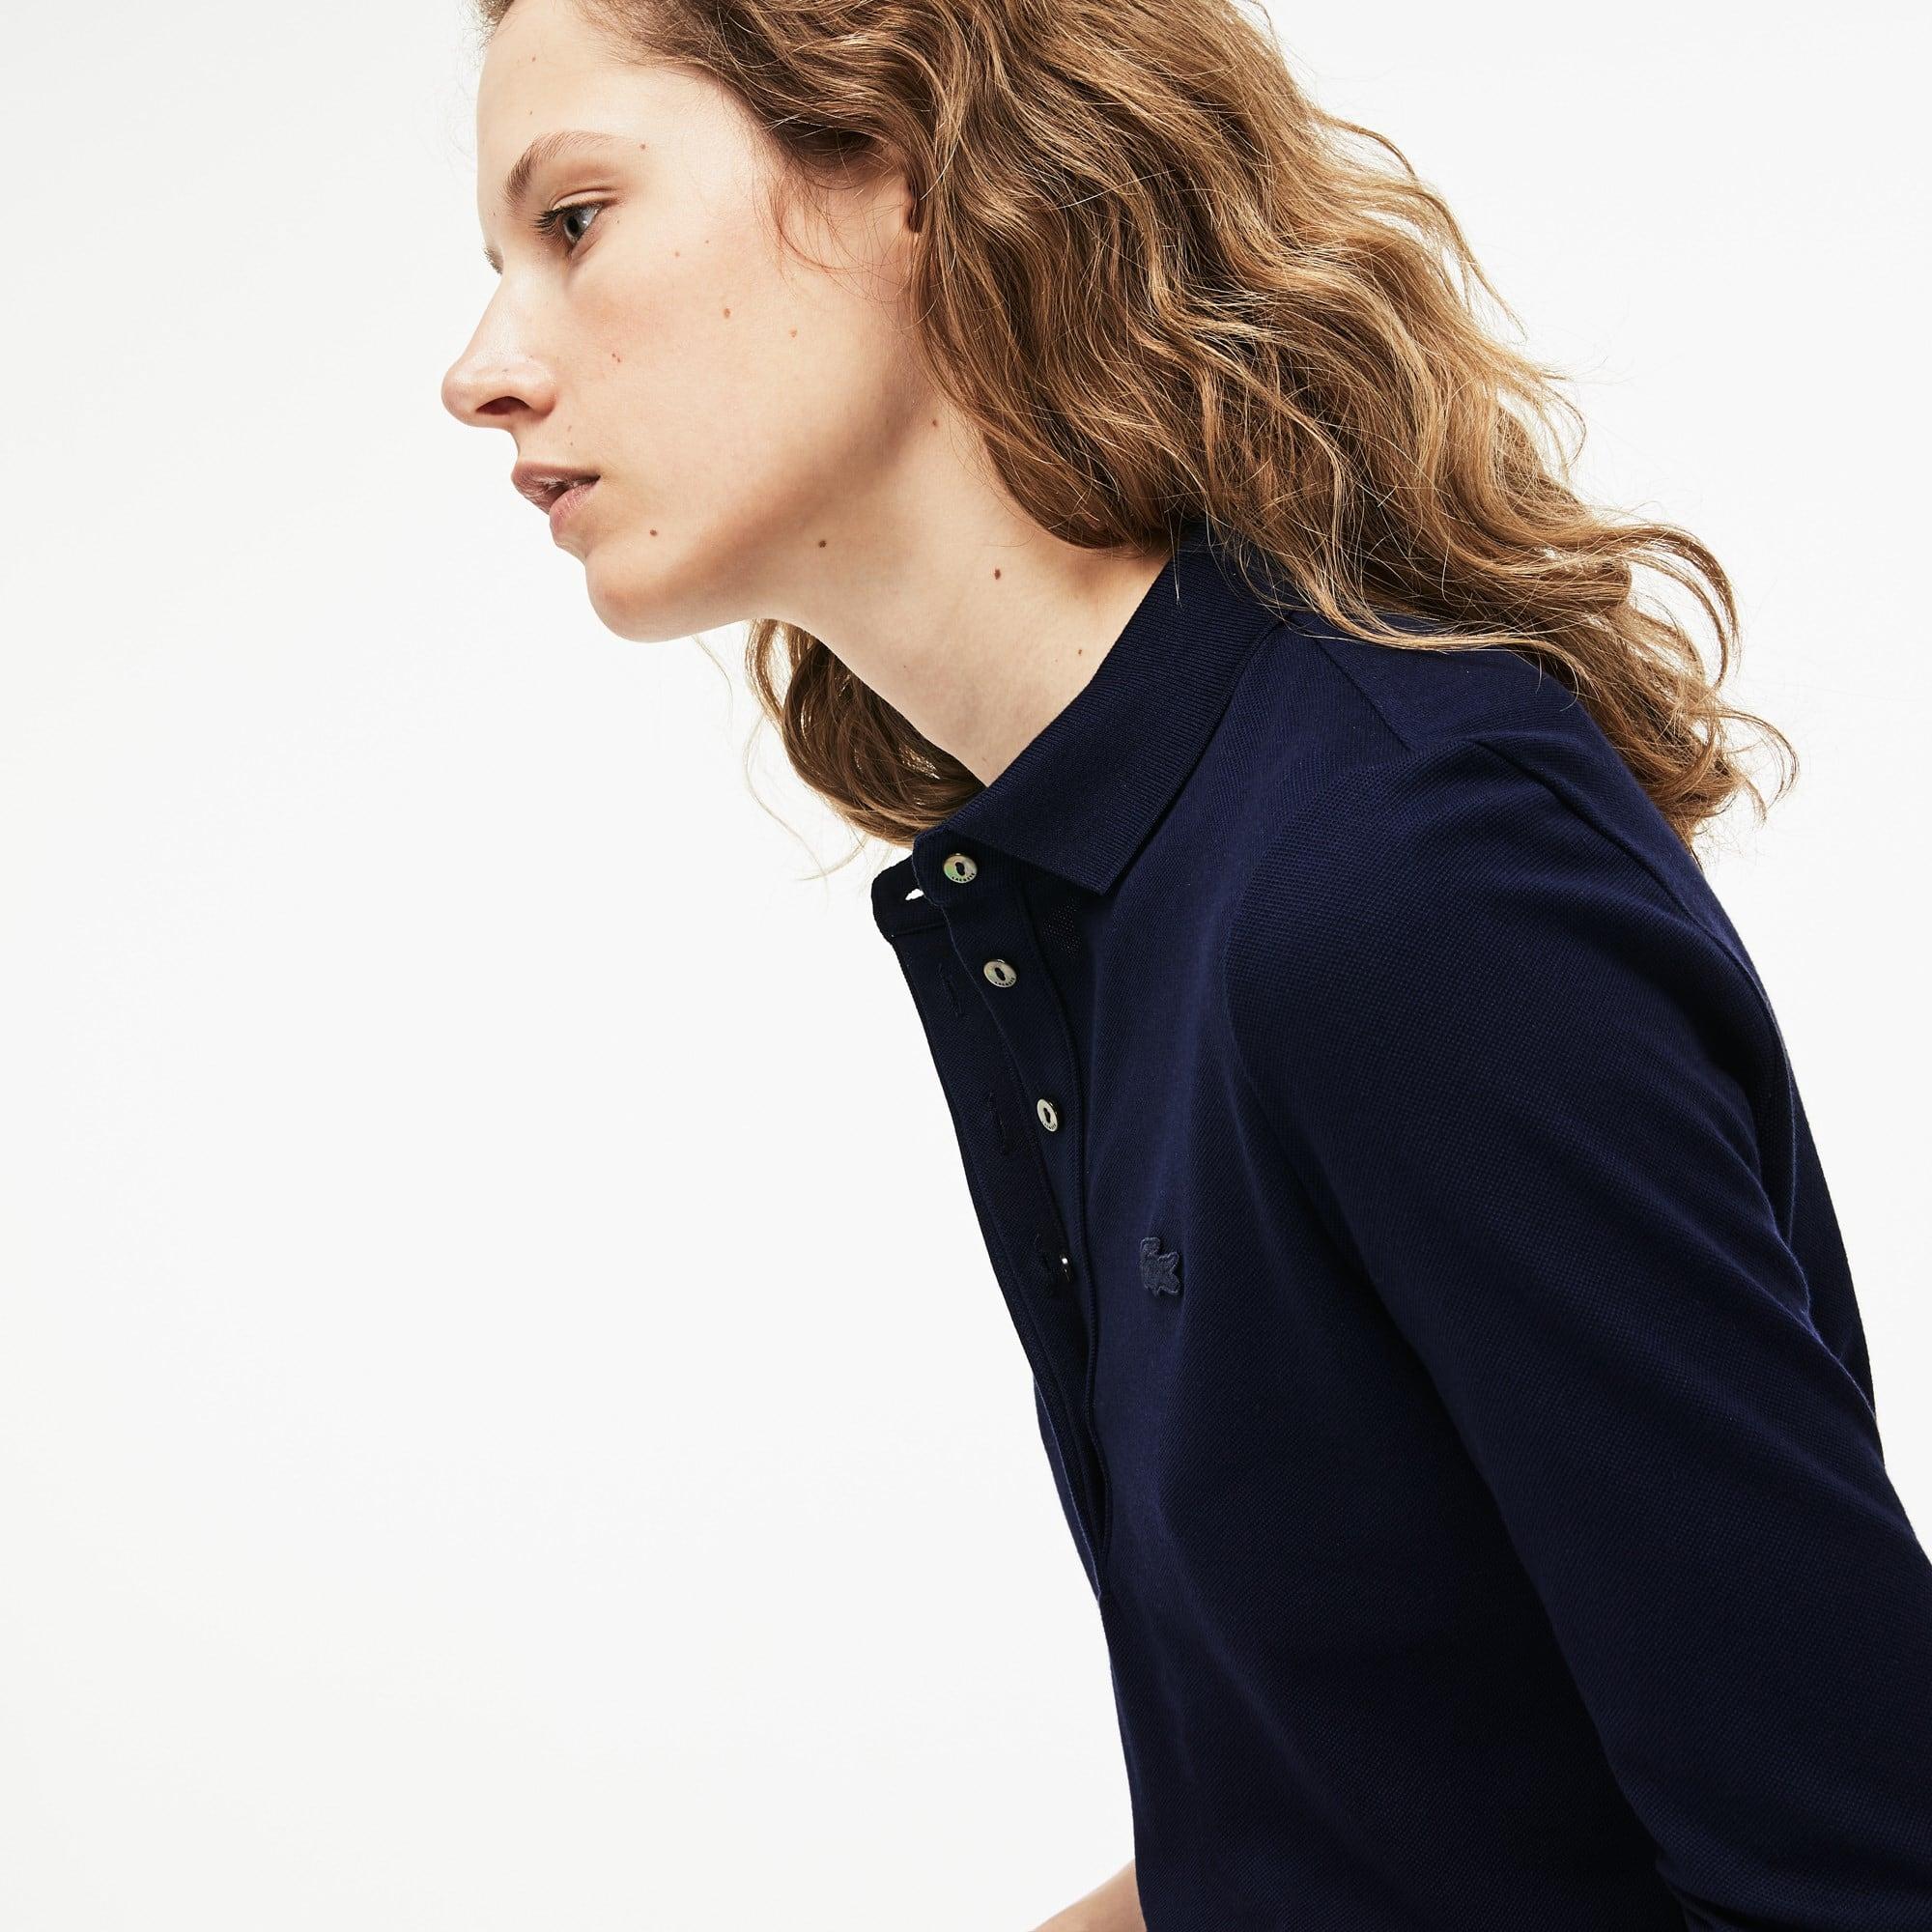 Lacoste - Slim Fit Damen-Polokleid aus Mini-Piqué mit Stretch - 5